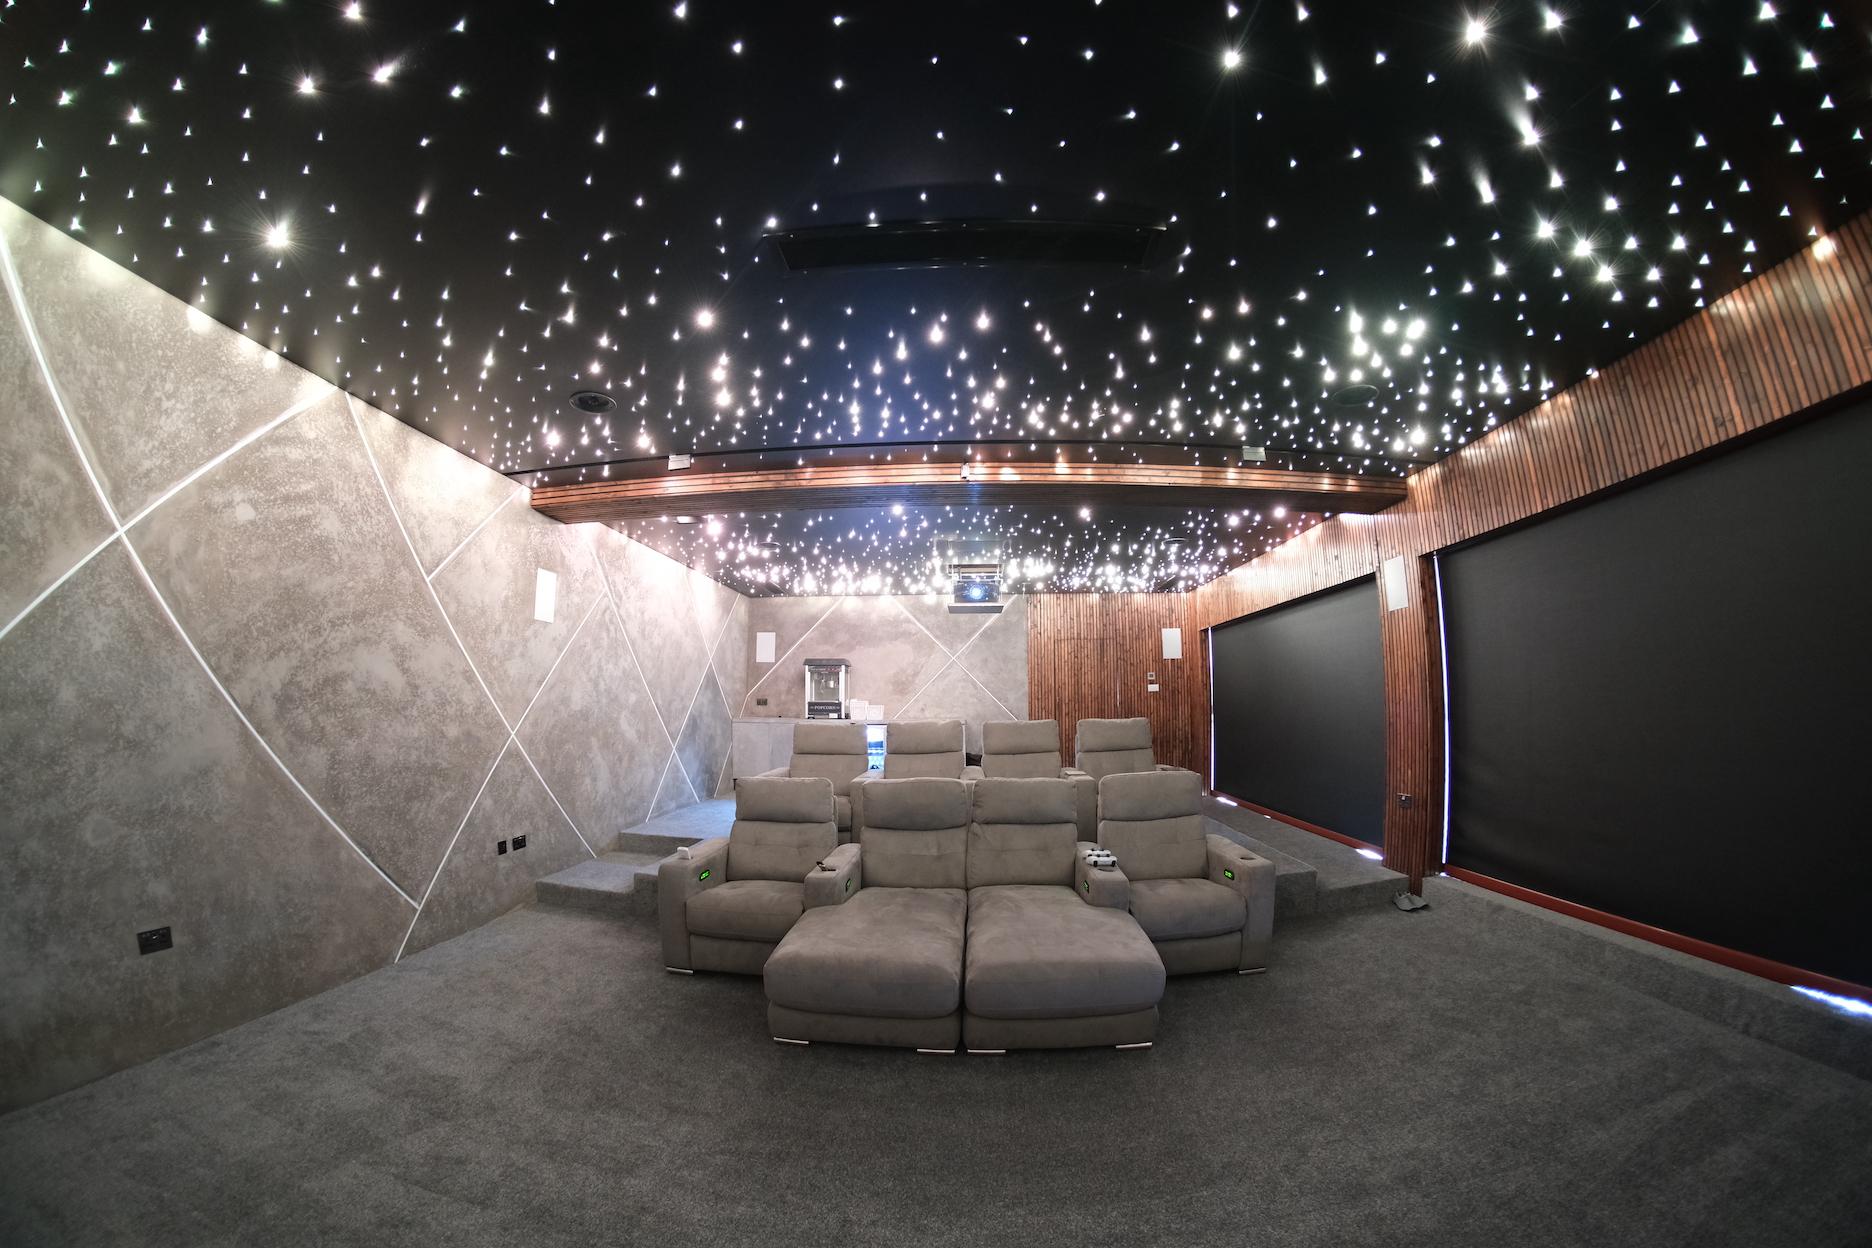 Home Cinema Installation See-AV